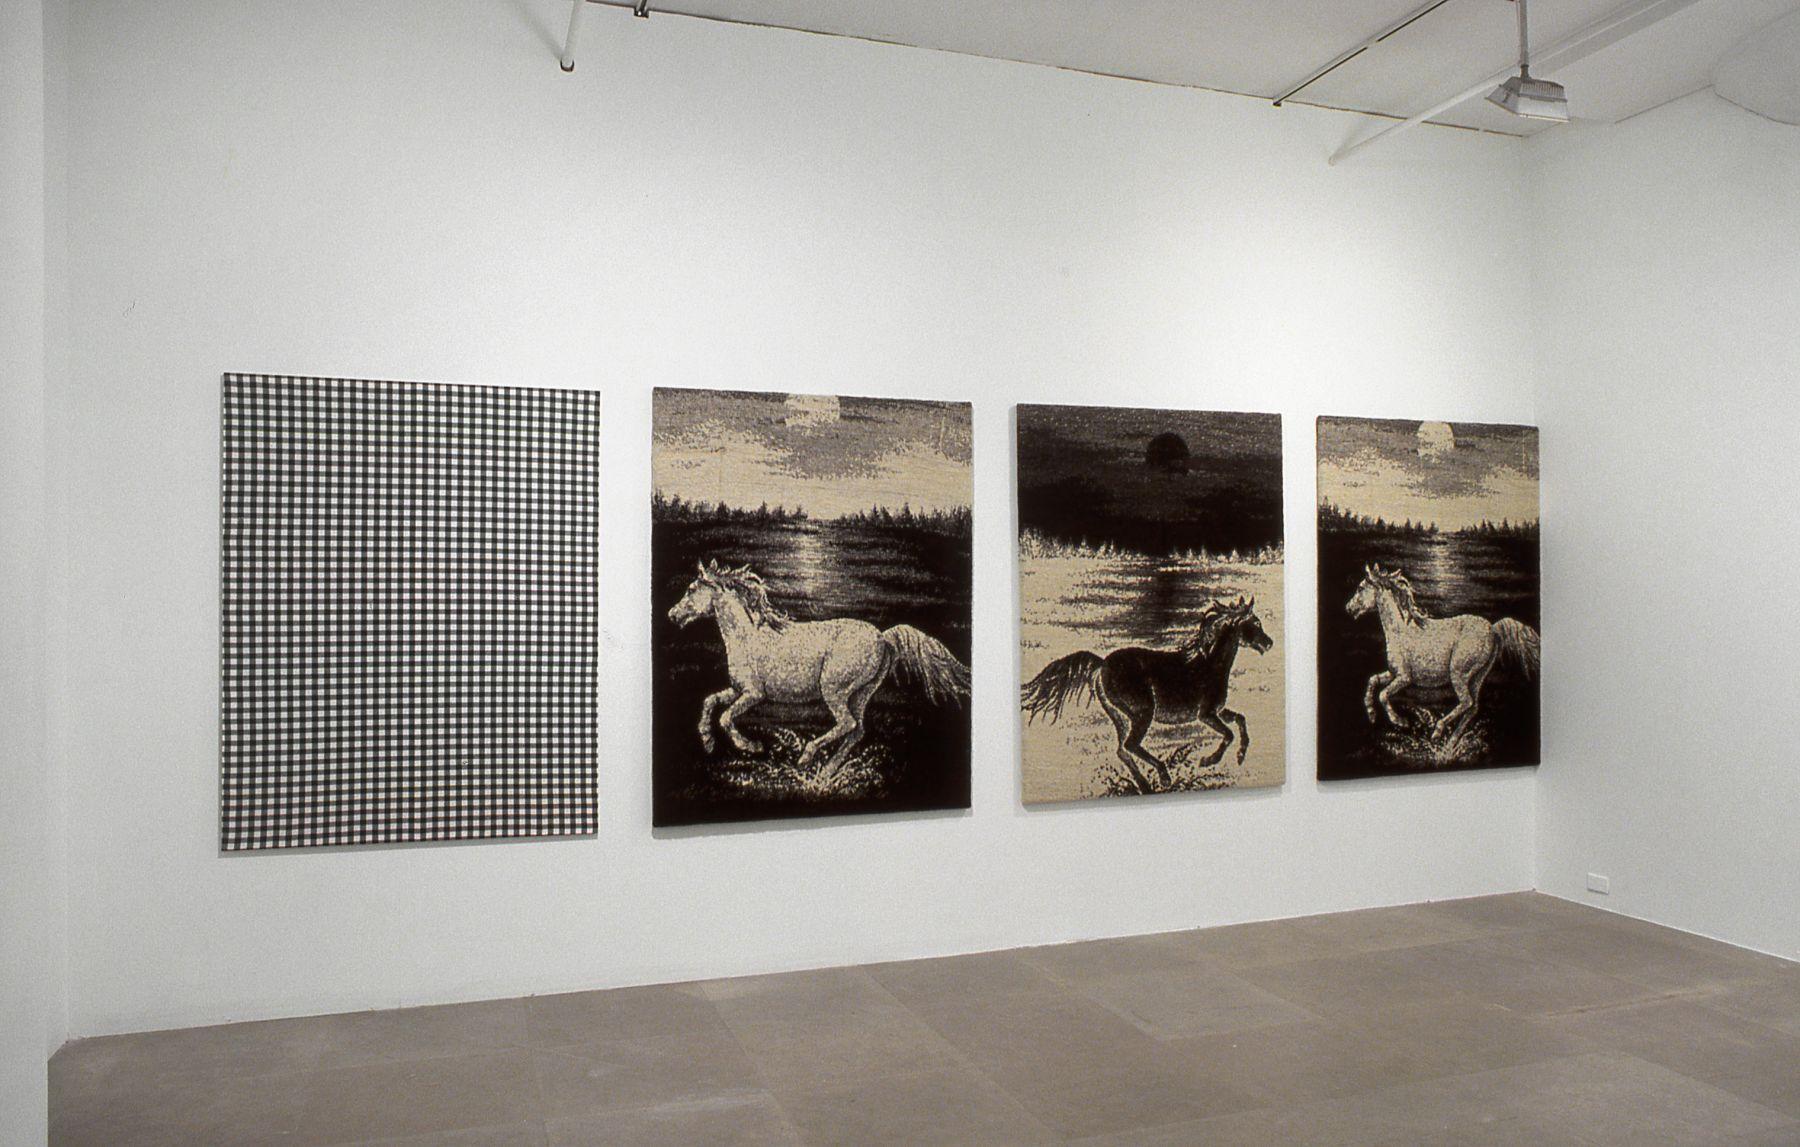 Michael Krebber, Flaggs (Against Nature), 2003